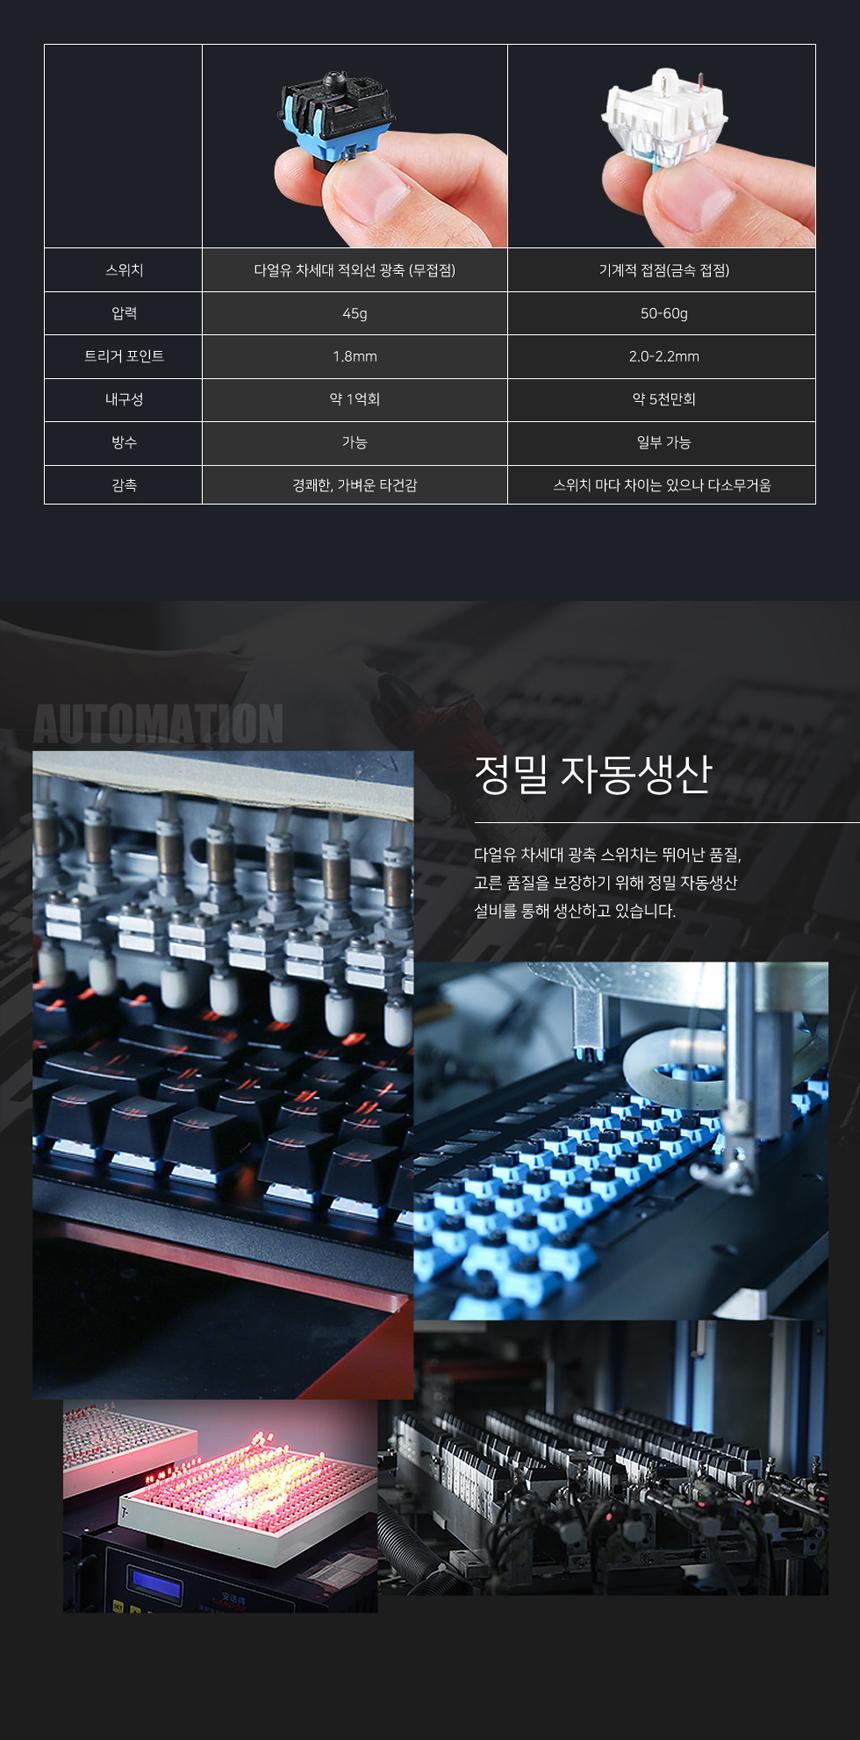 다얼유  DK750 광축 완전방수 축교환 게이밍 키보드 한글이중사출(블랙)